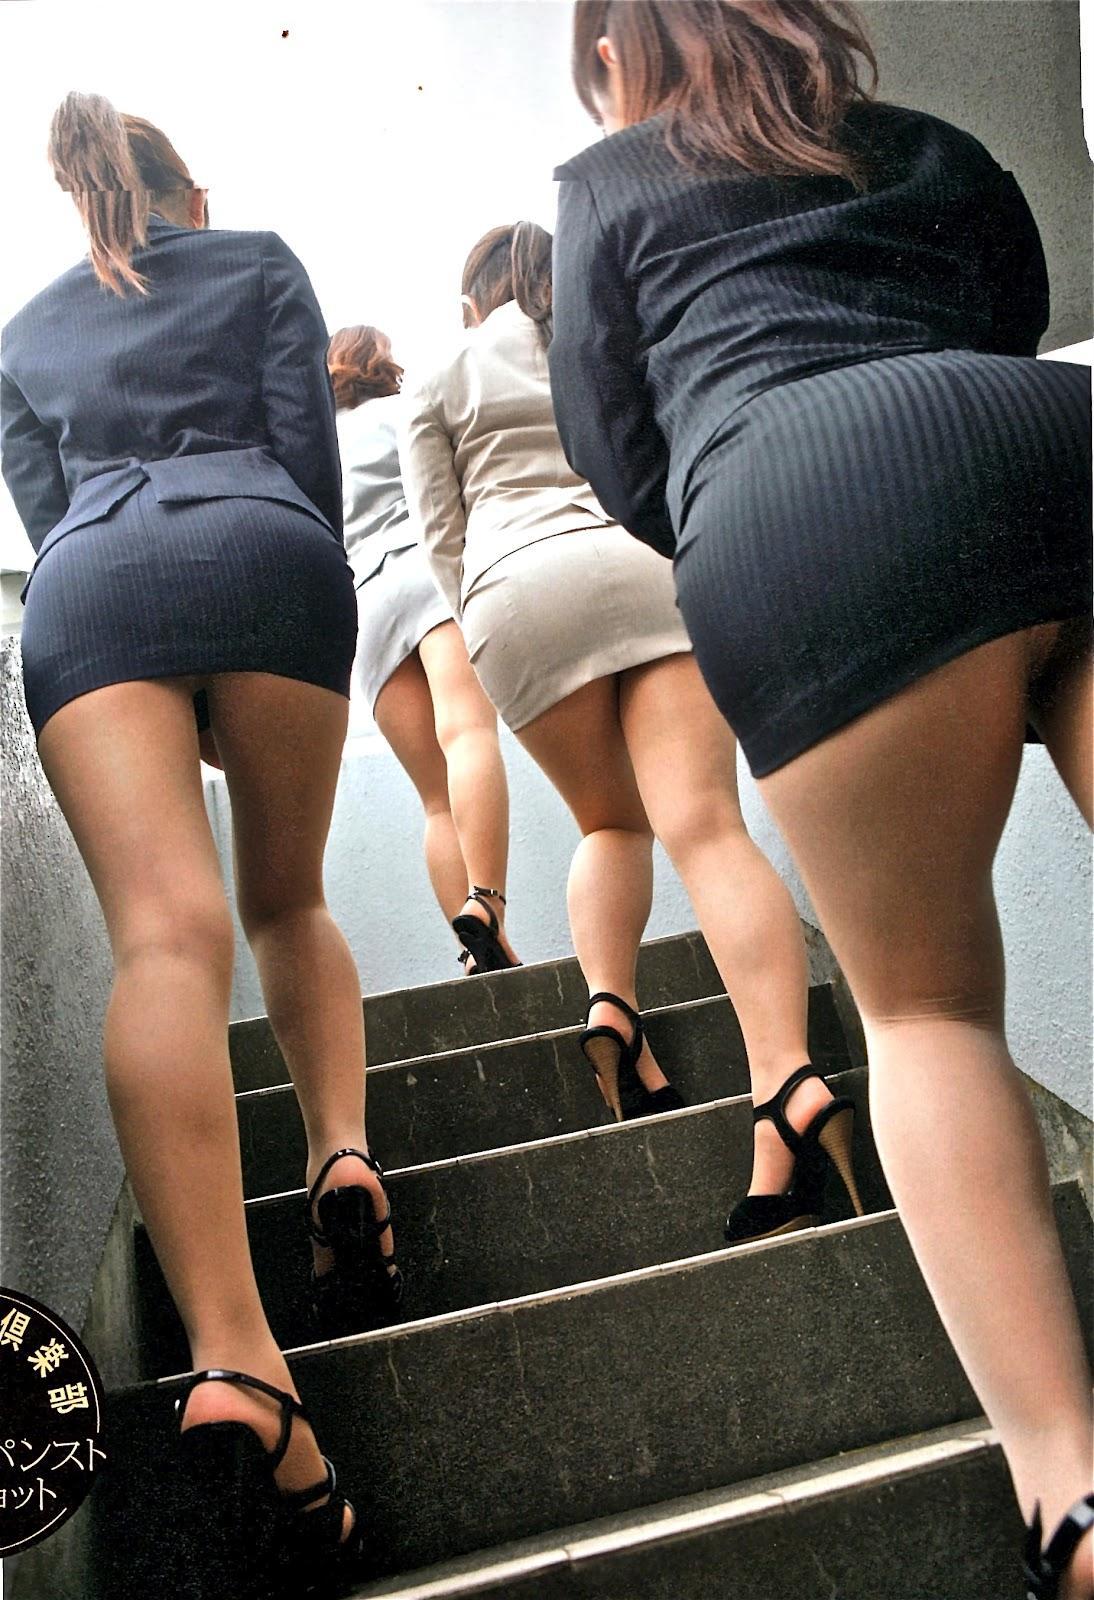 Oficina asiática chicas desnudas